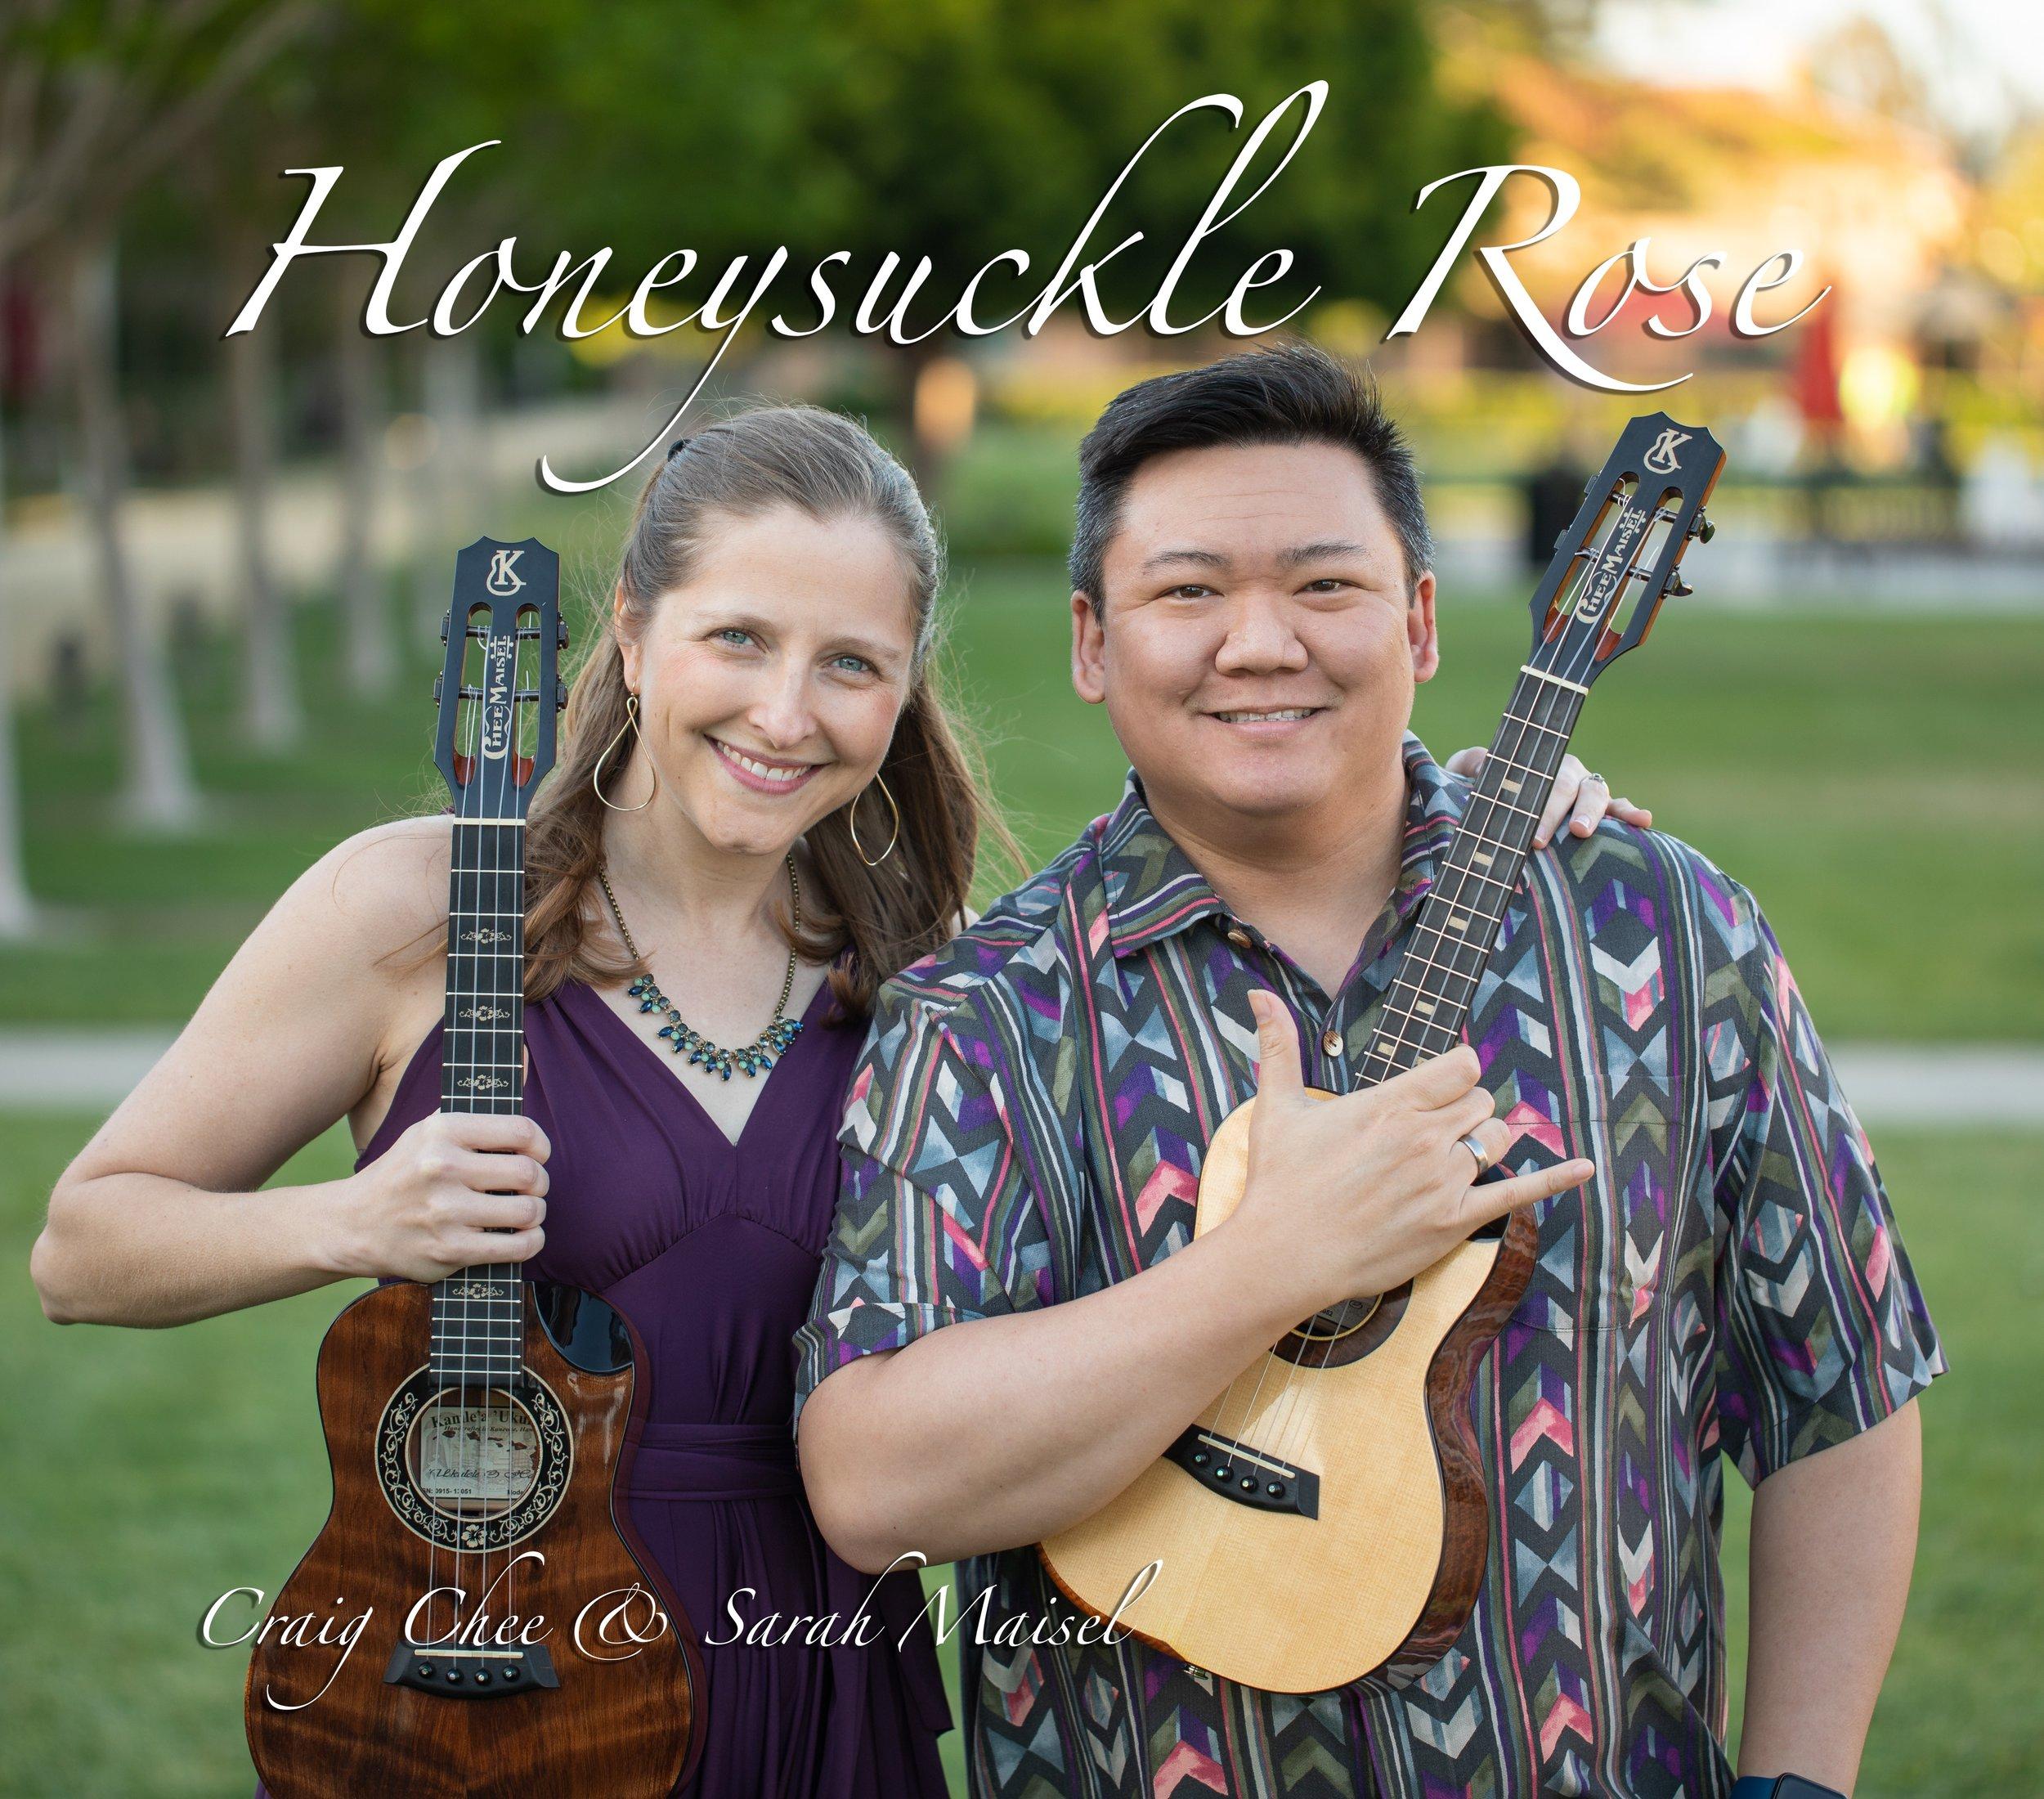 Honeysuckle Rose Cover.jpg